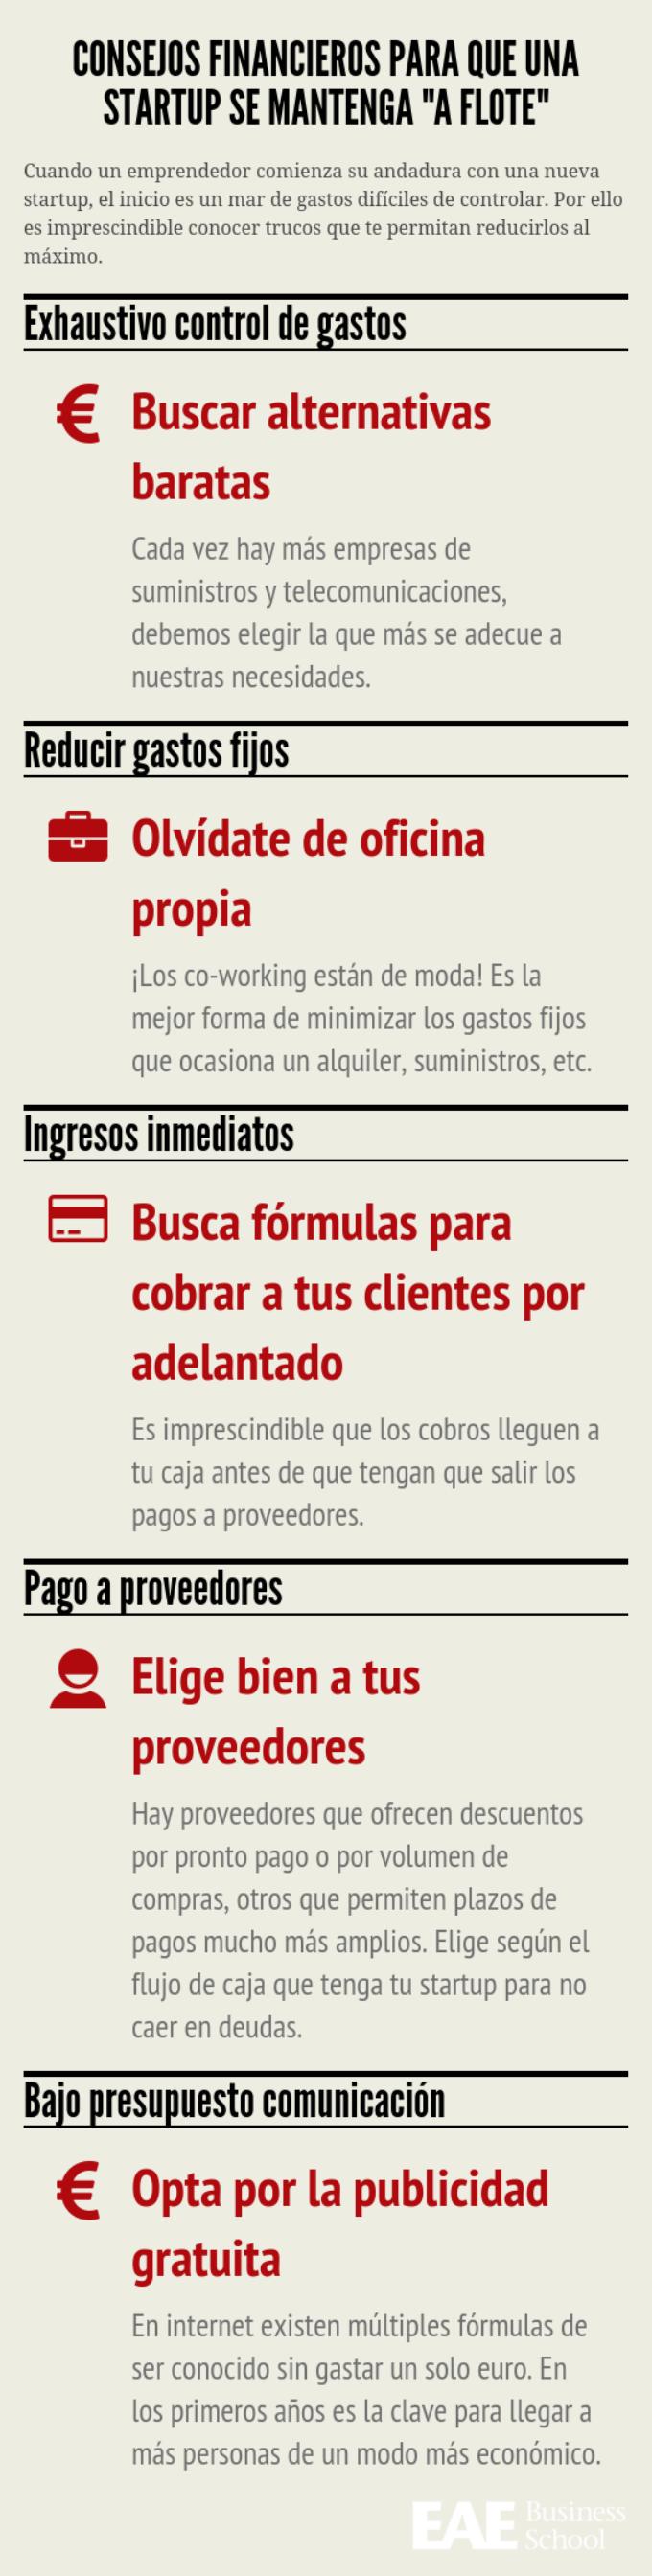 Infografía con consejos de finanzas para una startup